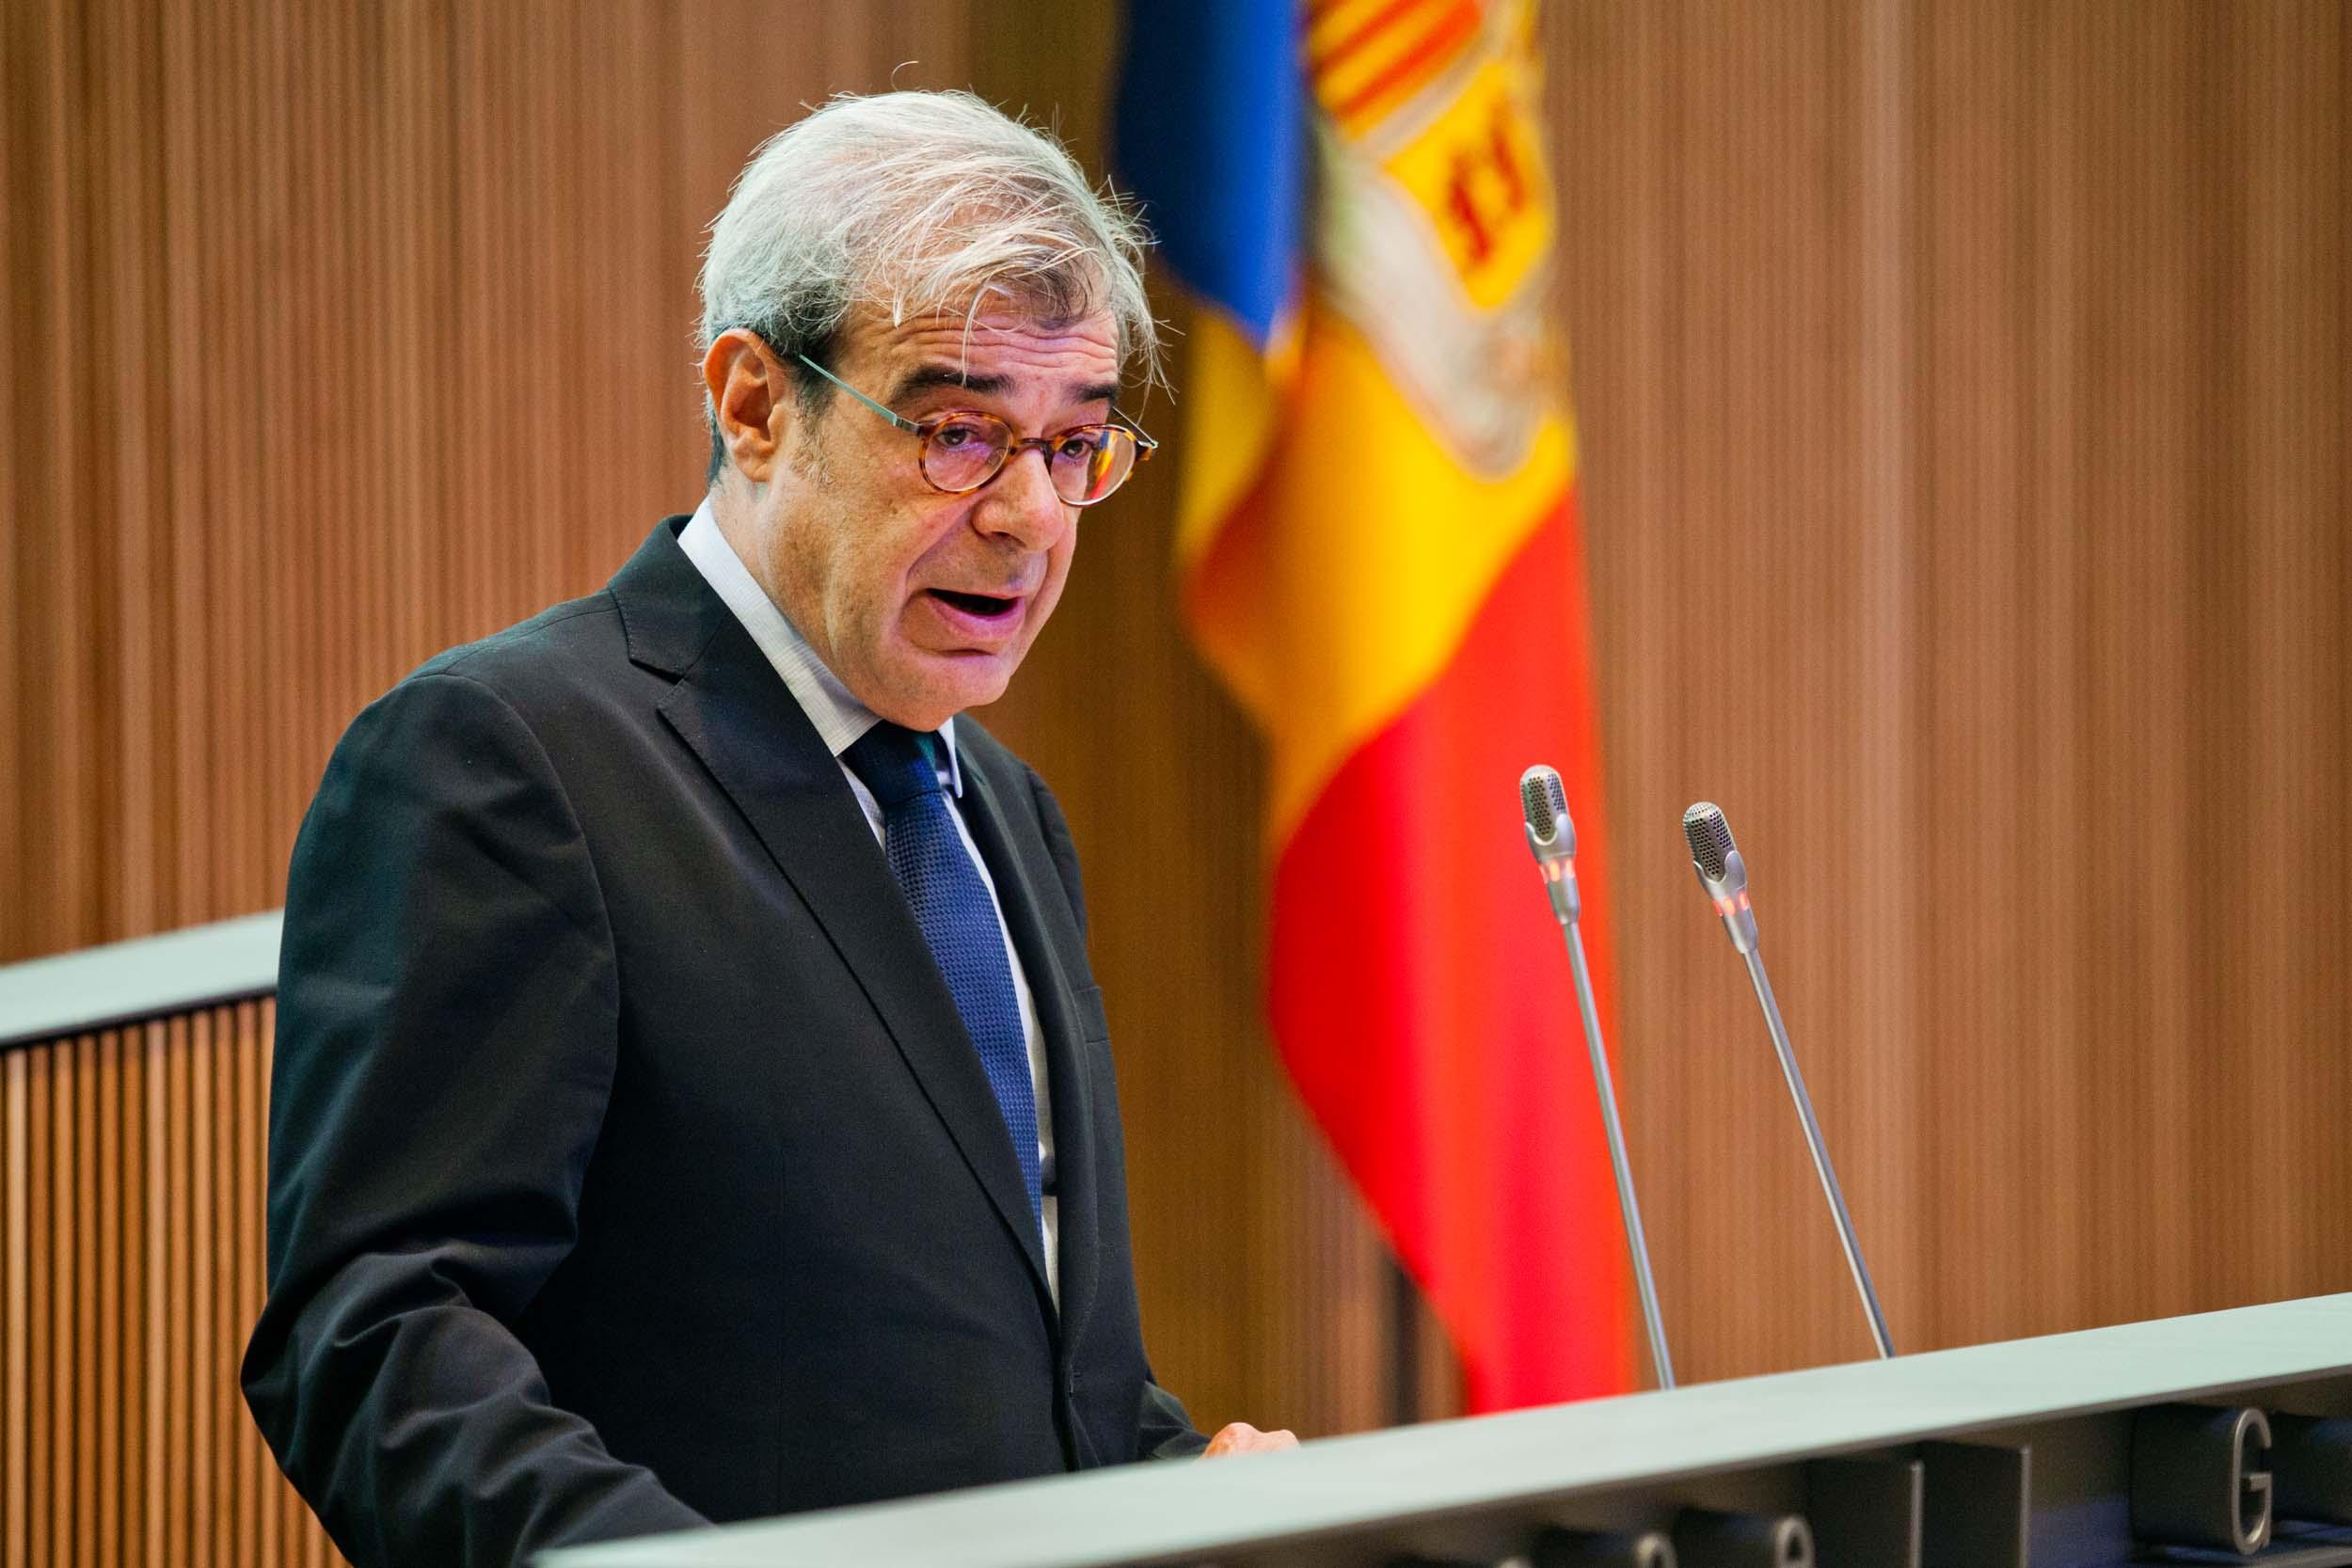 Intervenció de Ladislau Baró, president del Grup Parlamentari Demòcrata